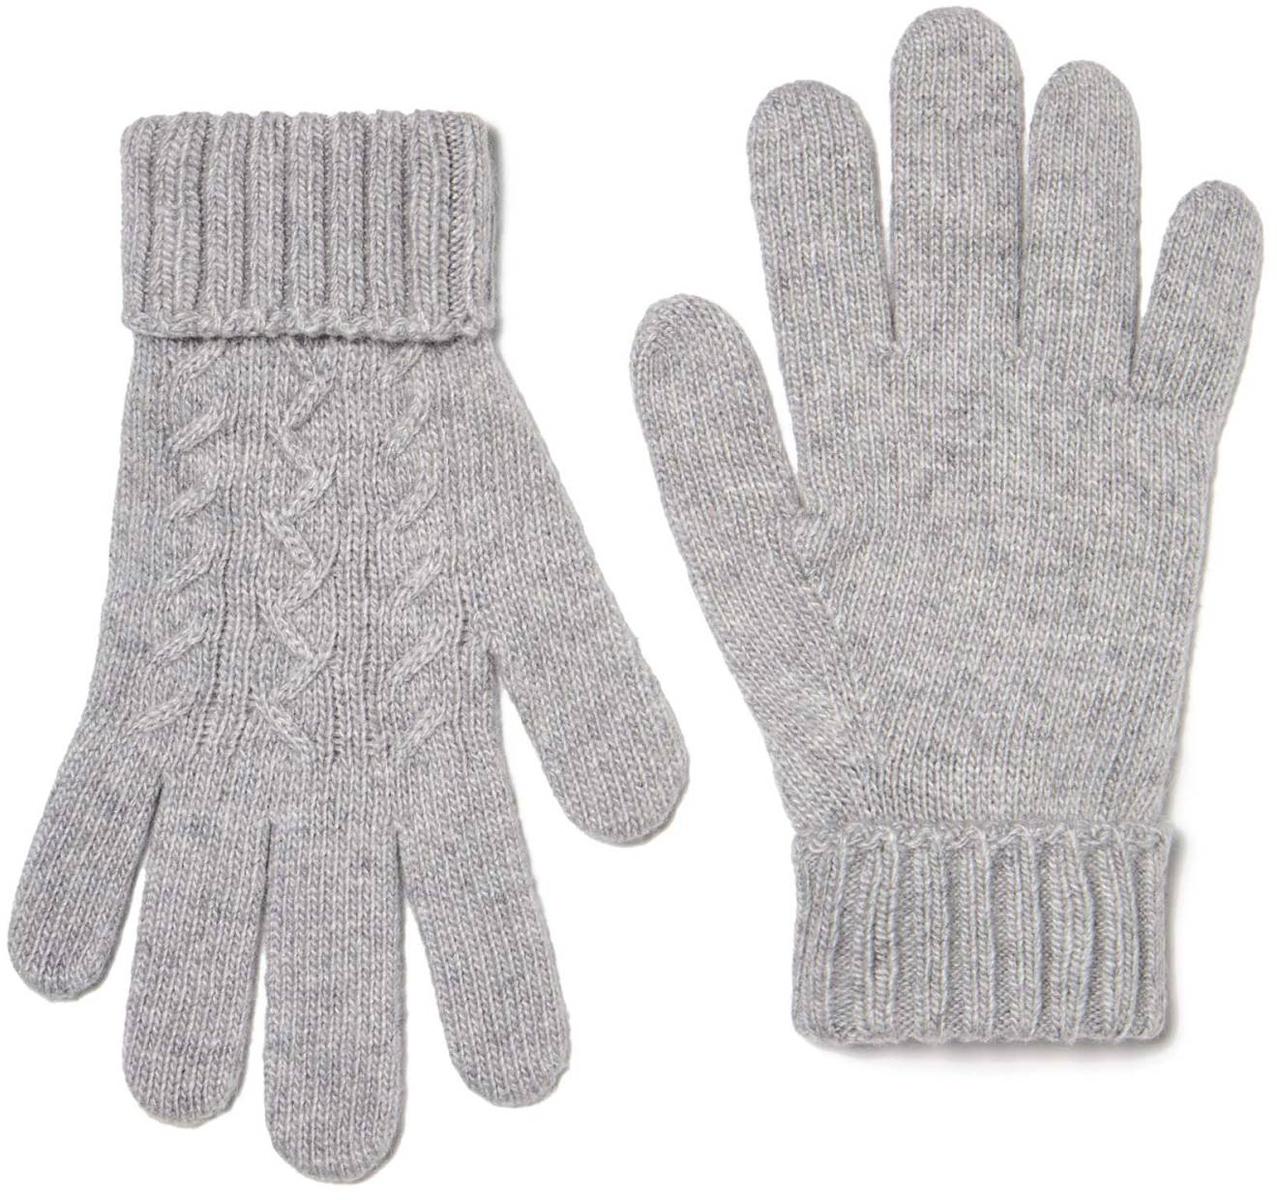 Перчатки для девочки United Colors of Benetton, цвет: серый. 1232C0186_501. Размер 71232C0186_501Вязаные перчатки для девочки идеально подойдут вашей моднице для прогулок в прохладное время года. Изготовленные из нити смешанного состава, они мягкие и приятные на ощупь, позволяют коже дышать, не раздражают нежную кожу ребенка, обеспечивая наибольший комфорт, хорошо сохраняют тепло. Перчатки дополнены широкими манжетами, не стягивающими запястья и надежно фиксирующими их на руках.Такие комфортные перчатки позволят ребенку долго находиться на прогулке. Незаменимая вещь в холодную погоду!